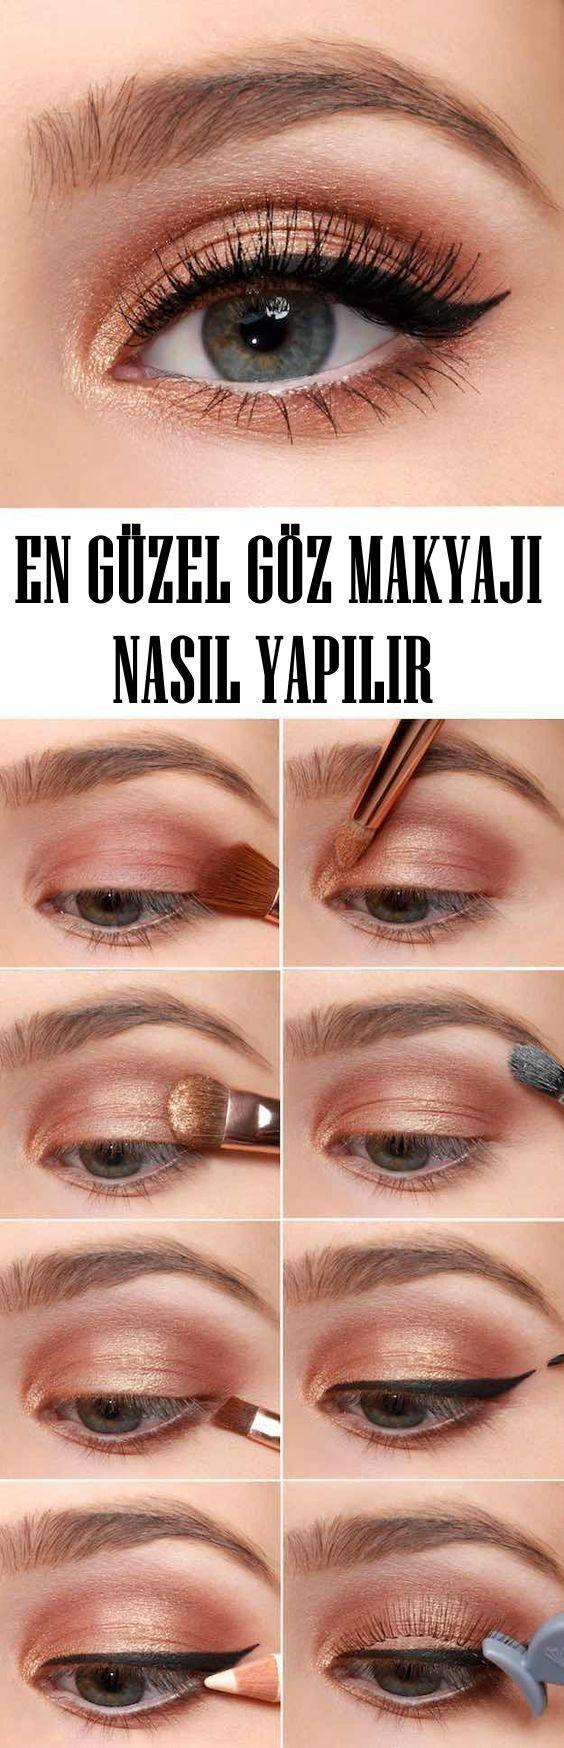 En Güzel Göz Makyajı Nasıl Yapılır? #hairmakeup